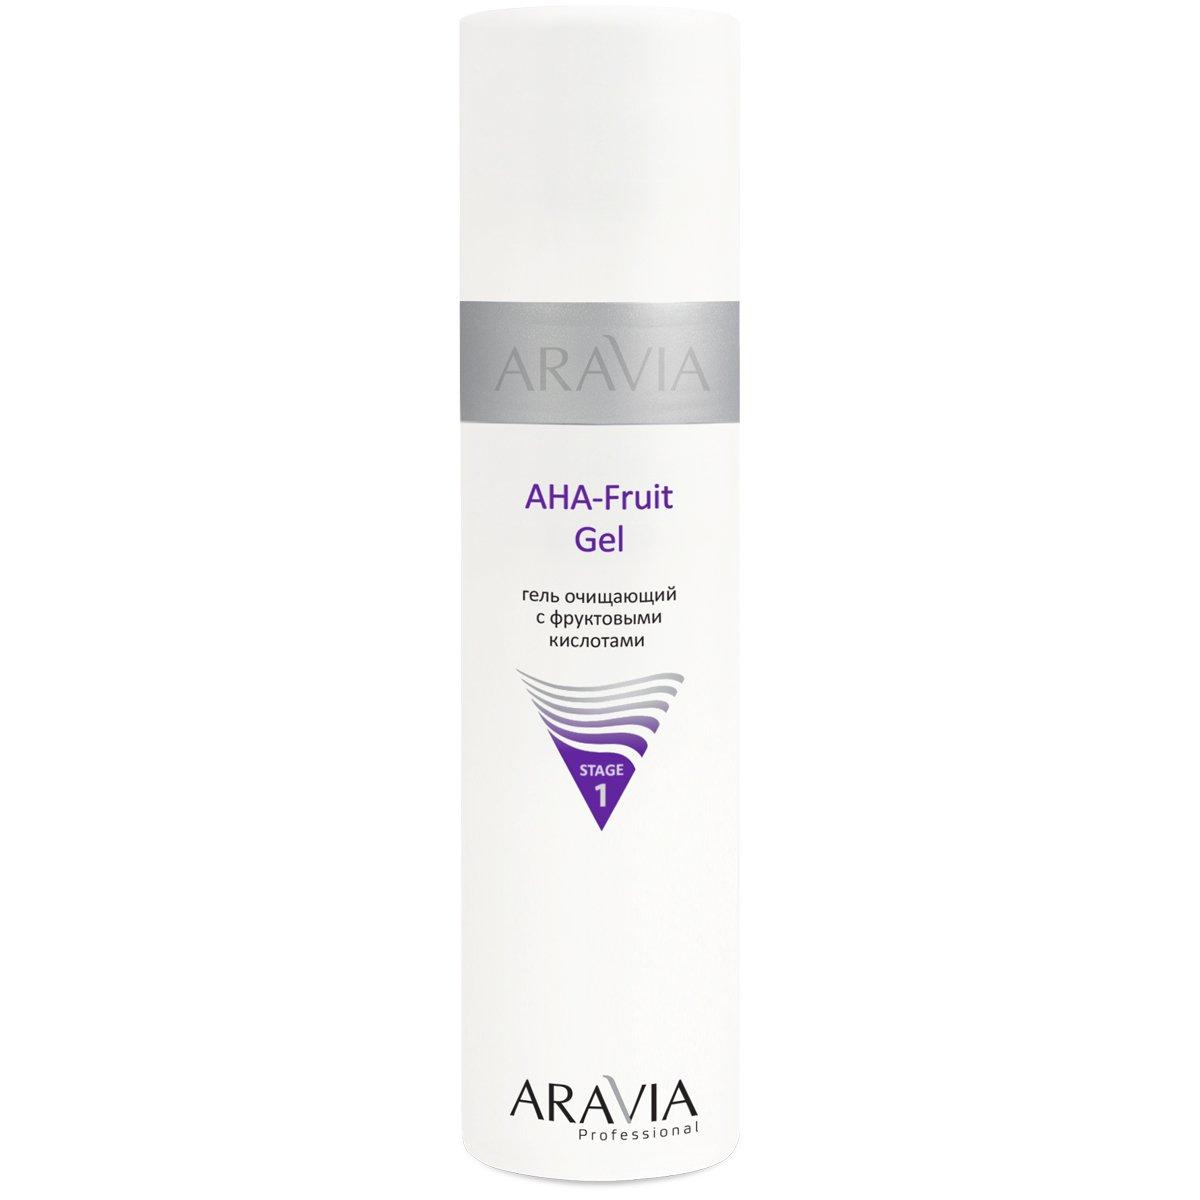 Aravia AHA-Fruit Gel Гель очищающий с фруктовыми кислотами (250 ml) 6200